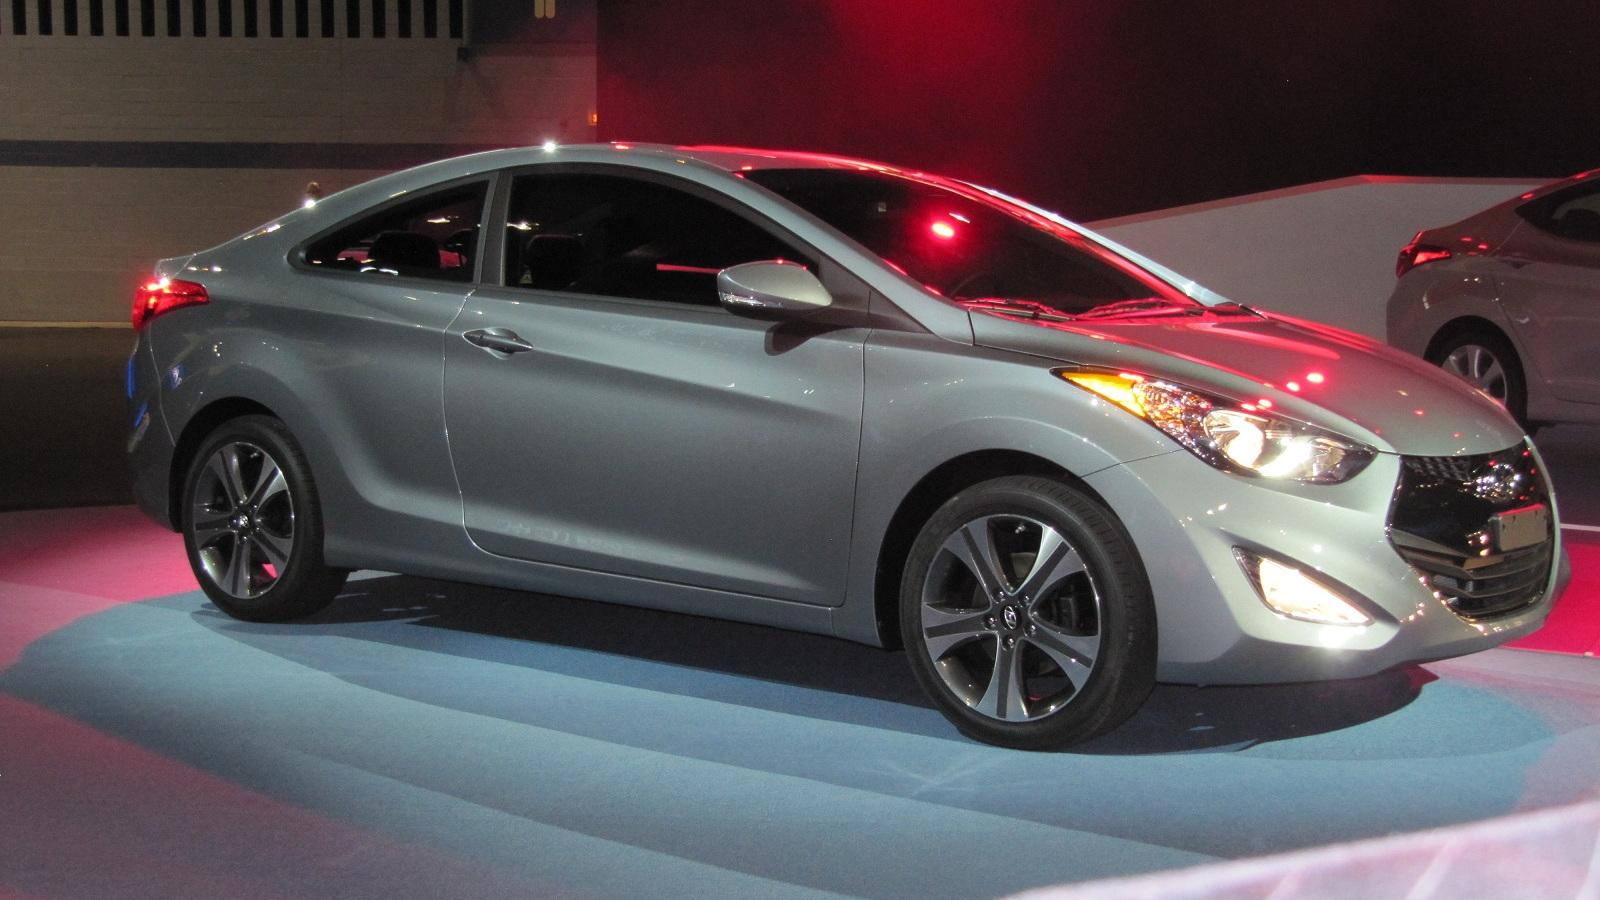 2013 Hyundai Elantra Coupe, Chicago Auto Show, Jan 2012